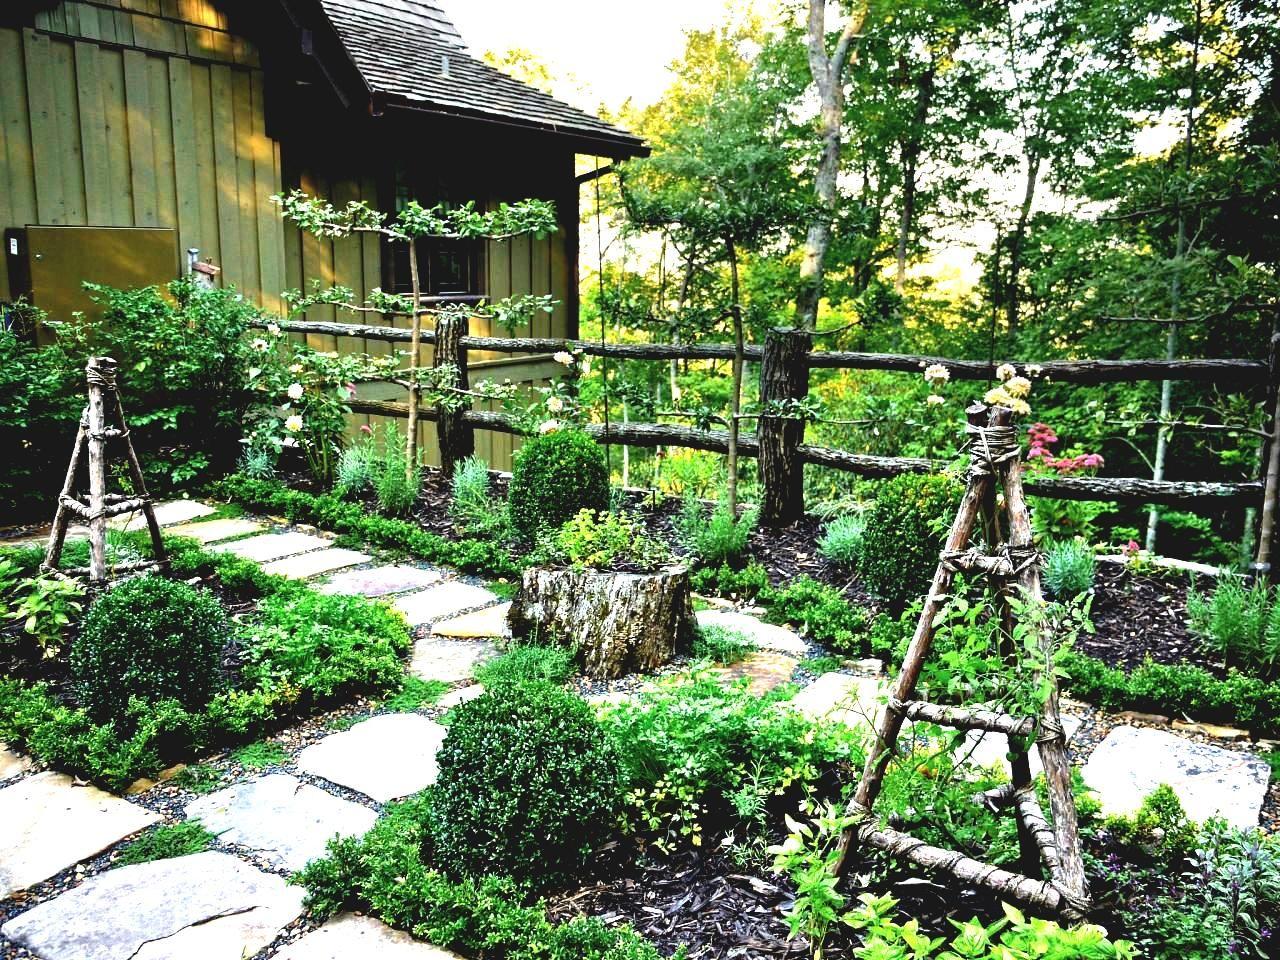 Die Besten Gemuse Garten Design Ideen Auf Pinterest Zuteilung Gartendeko Rustic Garden Fence Rustic Gardens Garden Design Pictures